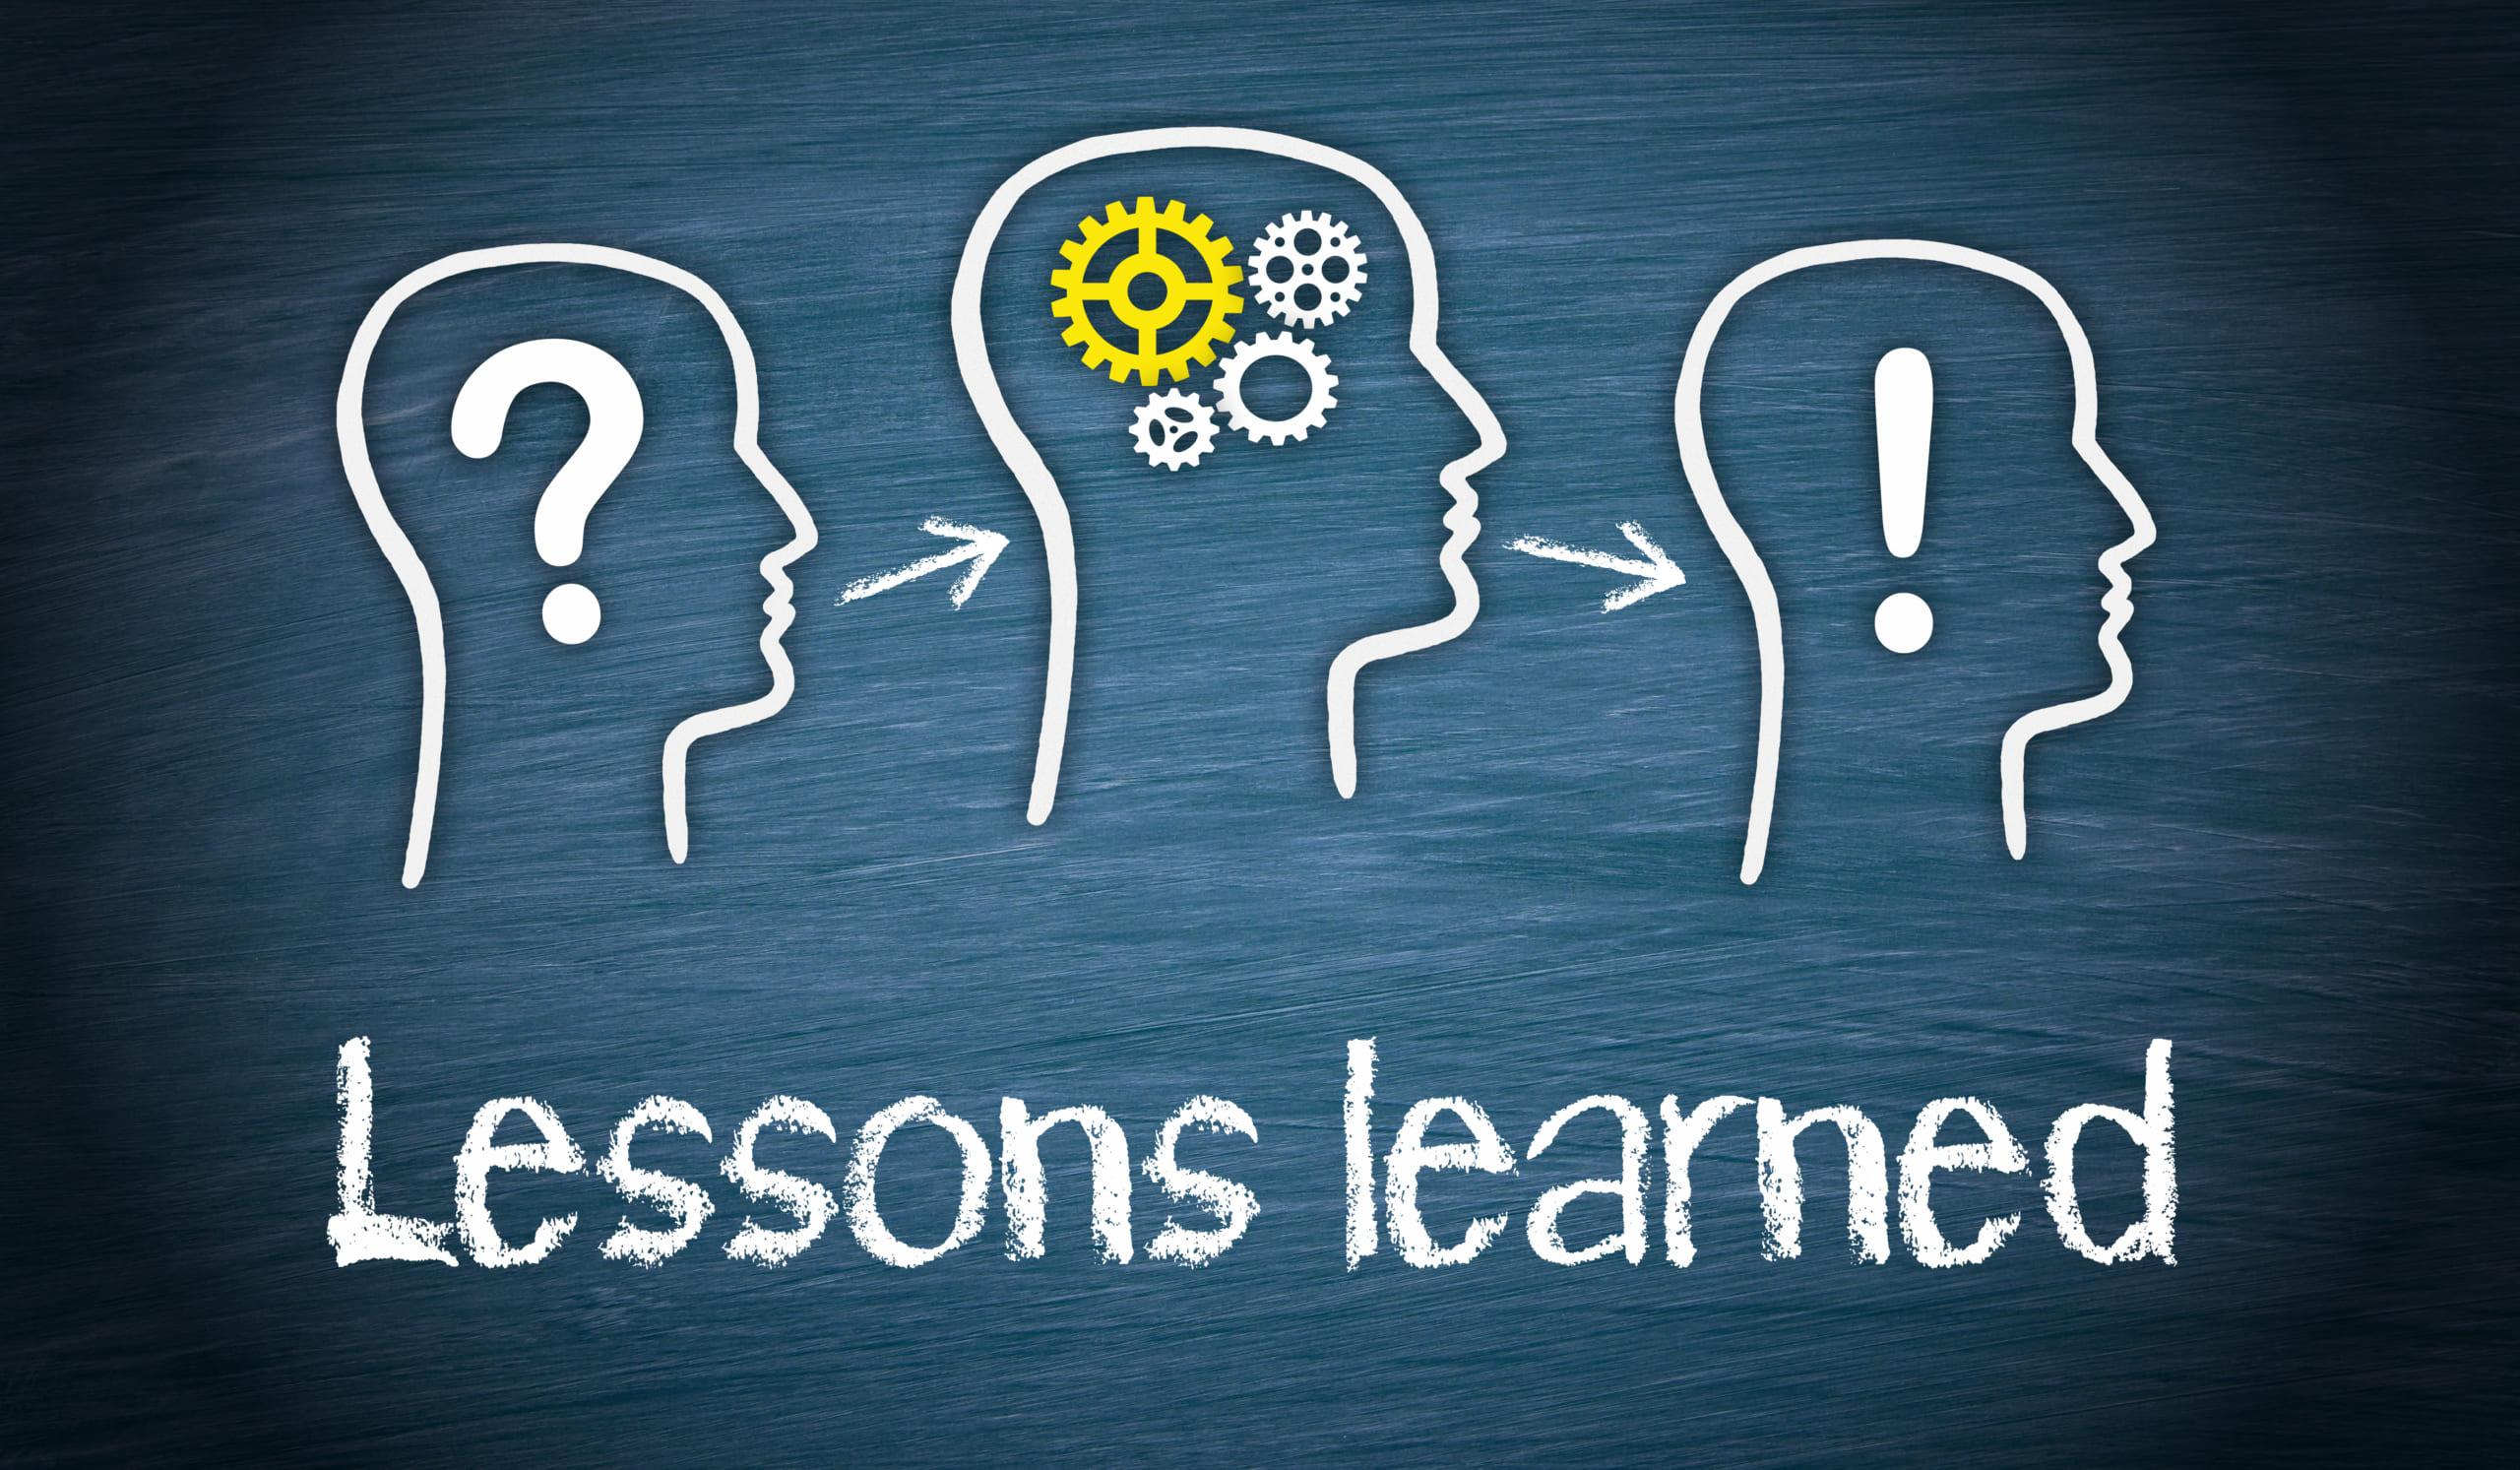 【失敗から学ぶスタートアップの教訓】ジャスティン・カンのメッセージとは